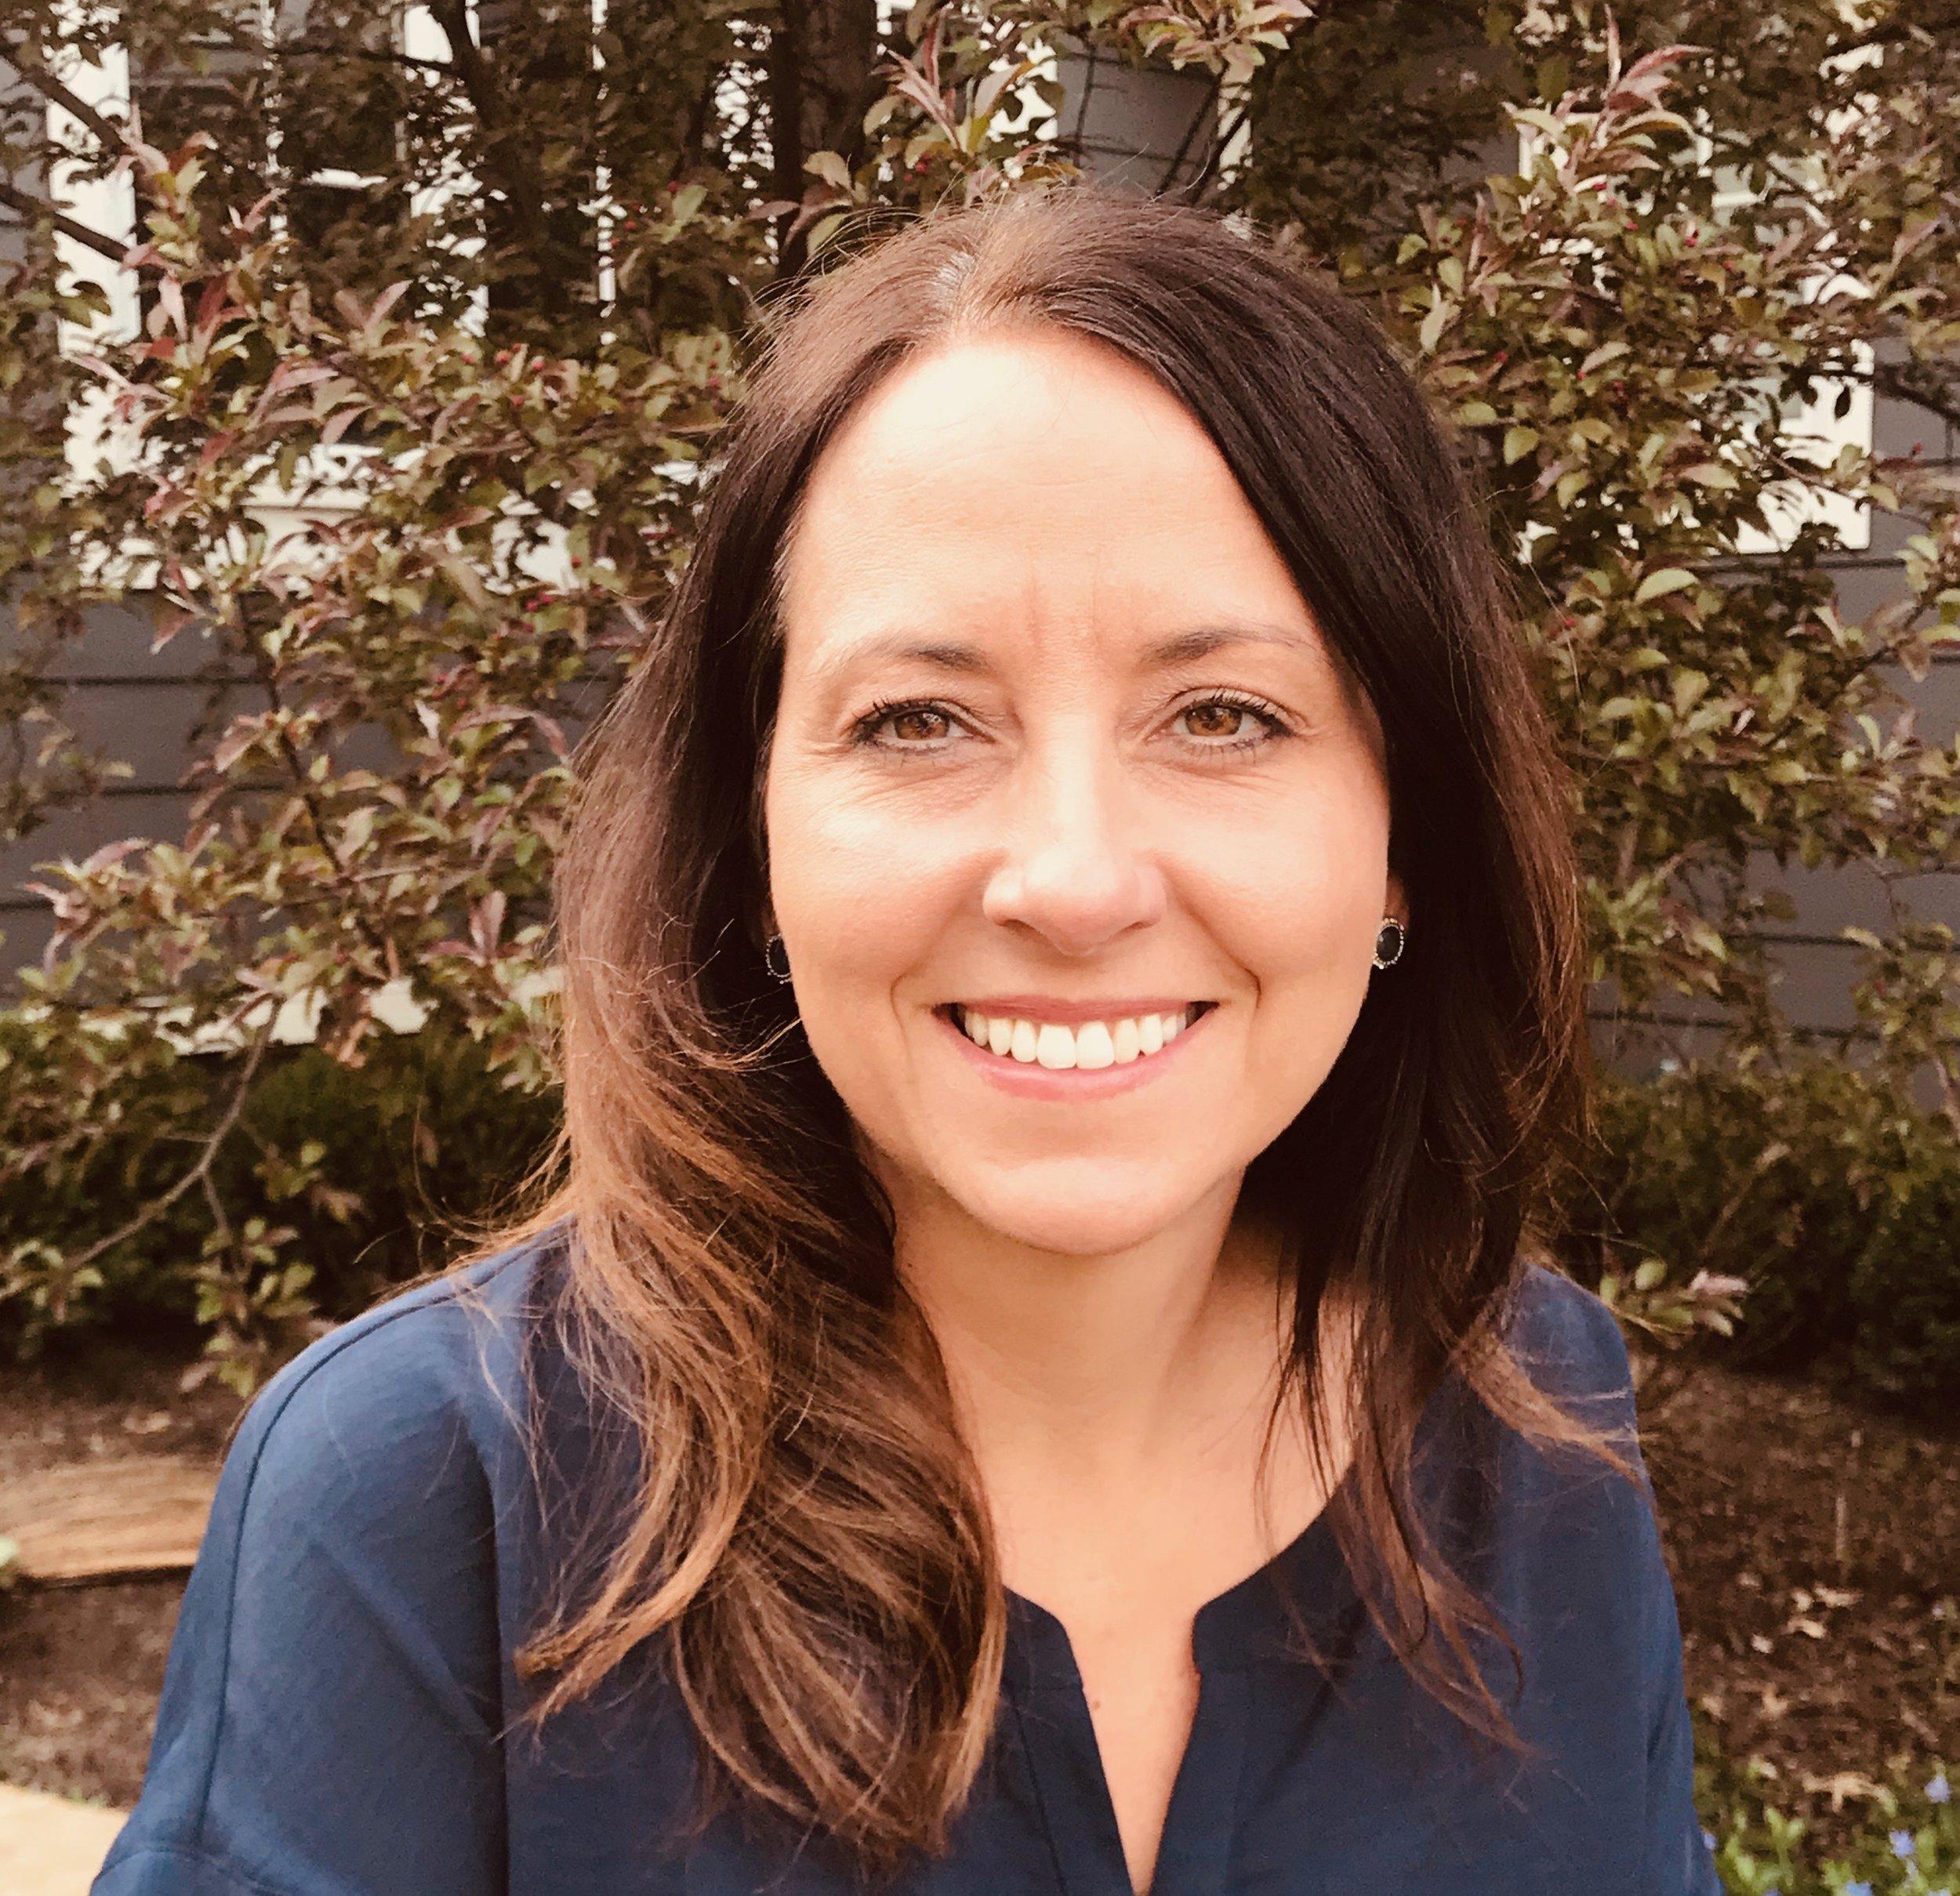 Tiffany Hellen, Accenture